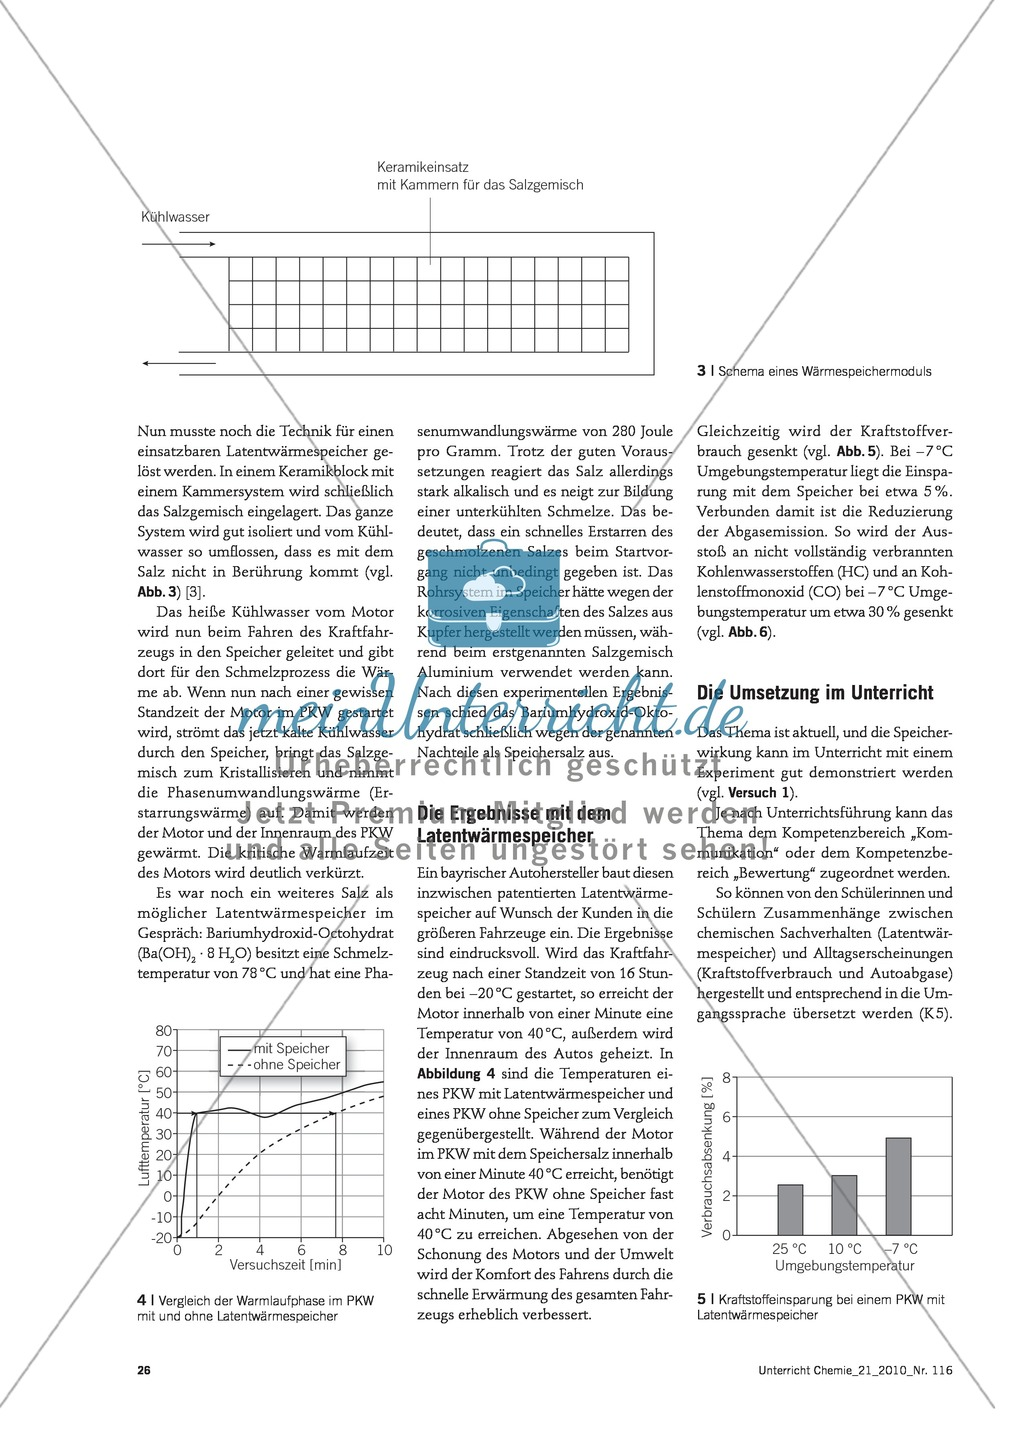 Latentwärmespeicher in Kraftfahrzeugen - Funktion, Material und Umsetzung im Unterricht Preview 3